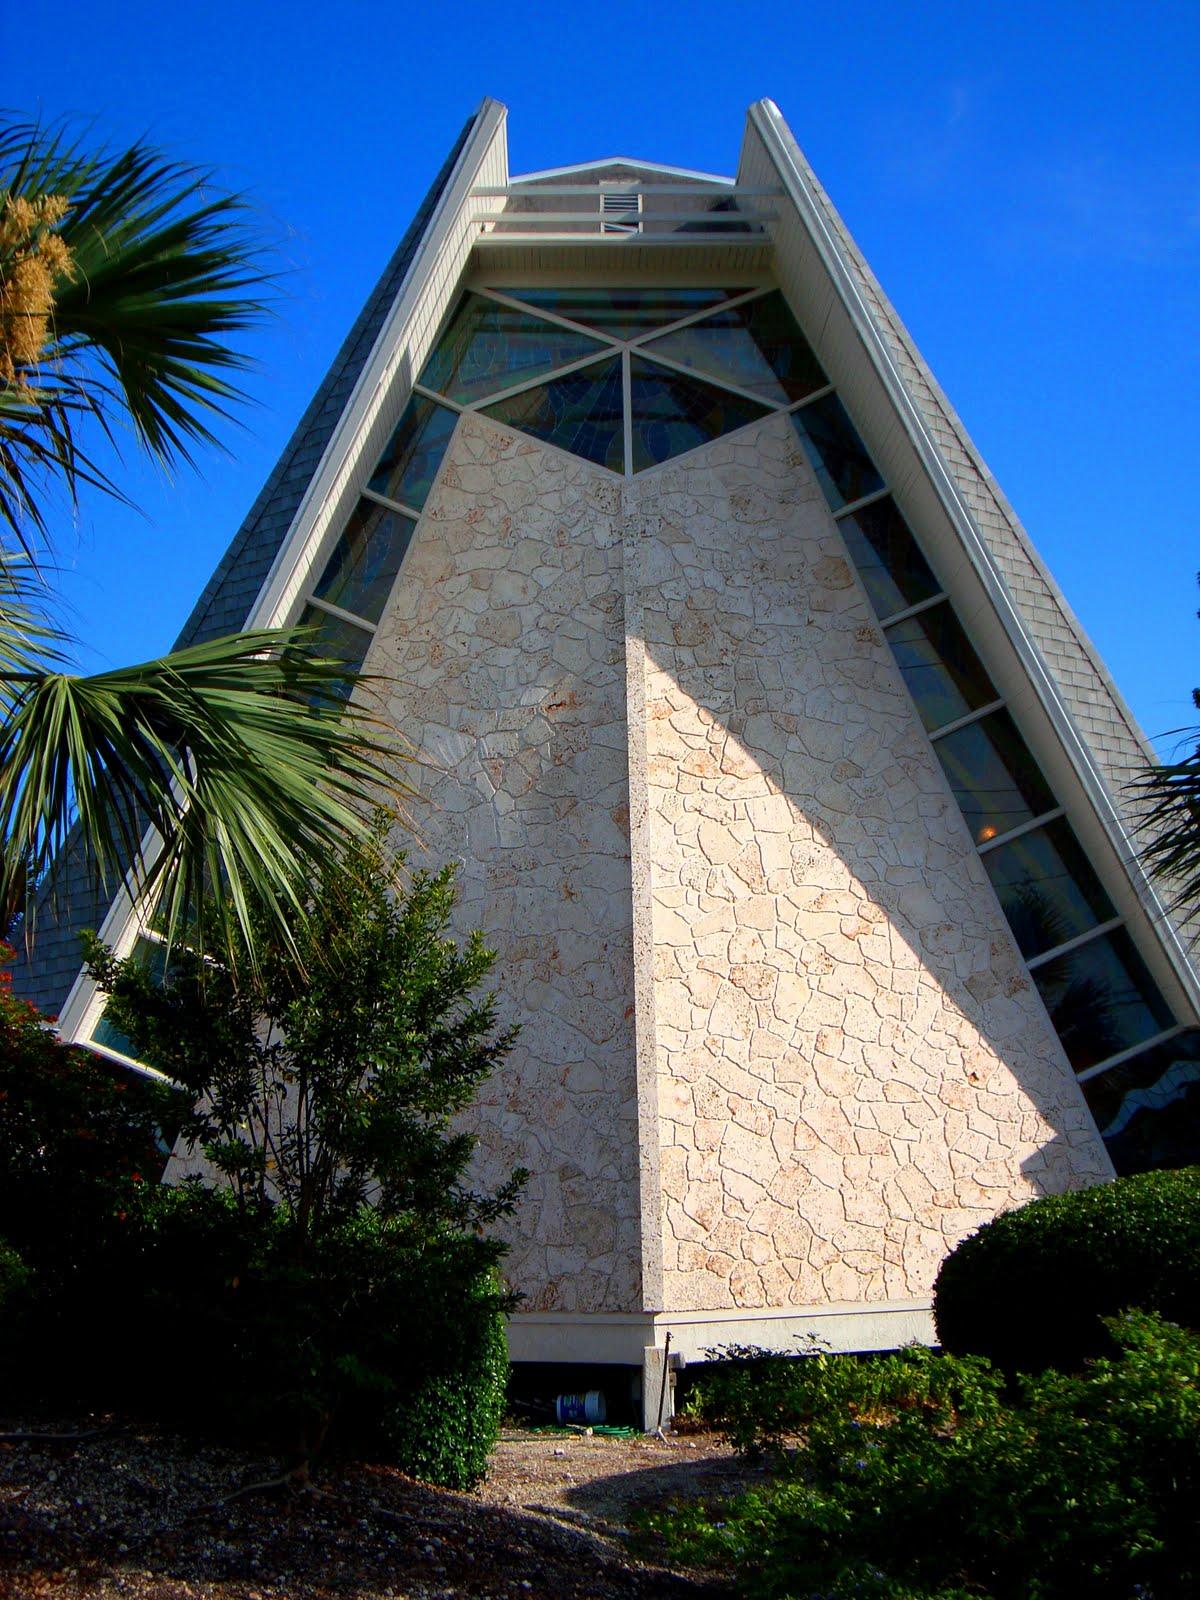 http://4.bp.blogspot.com/-w2sRz74CEPI/Th7t7-tpOhI/AAAAAAAAB90/IZ2uDDqZmsU/s1600/Florida+045.JPG